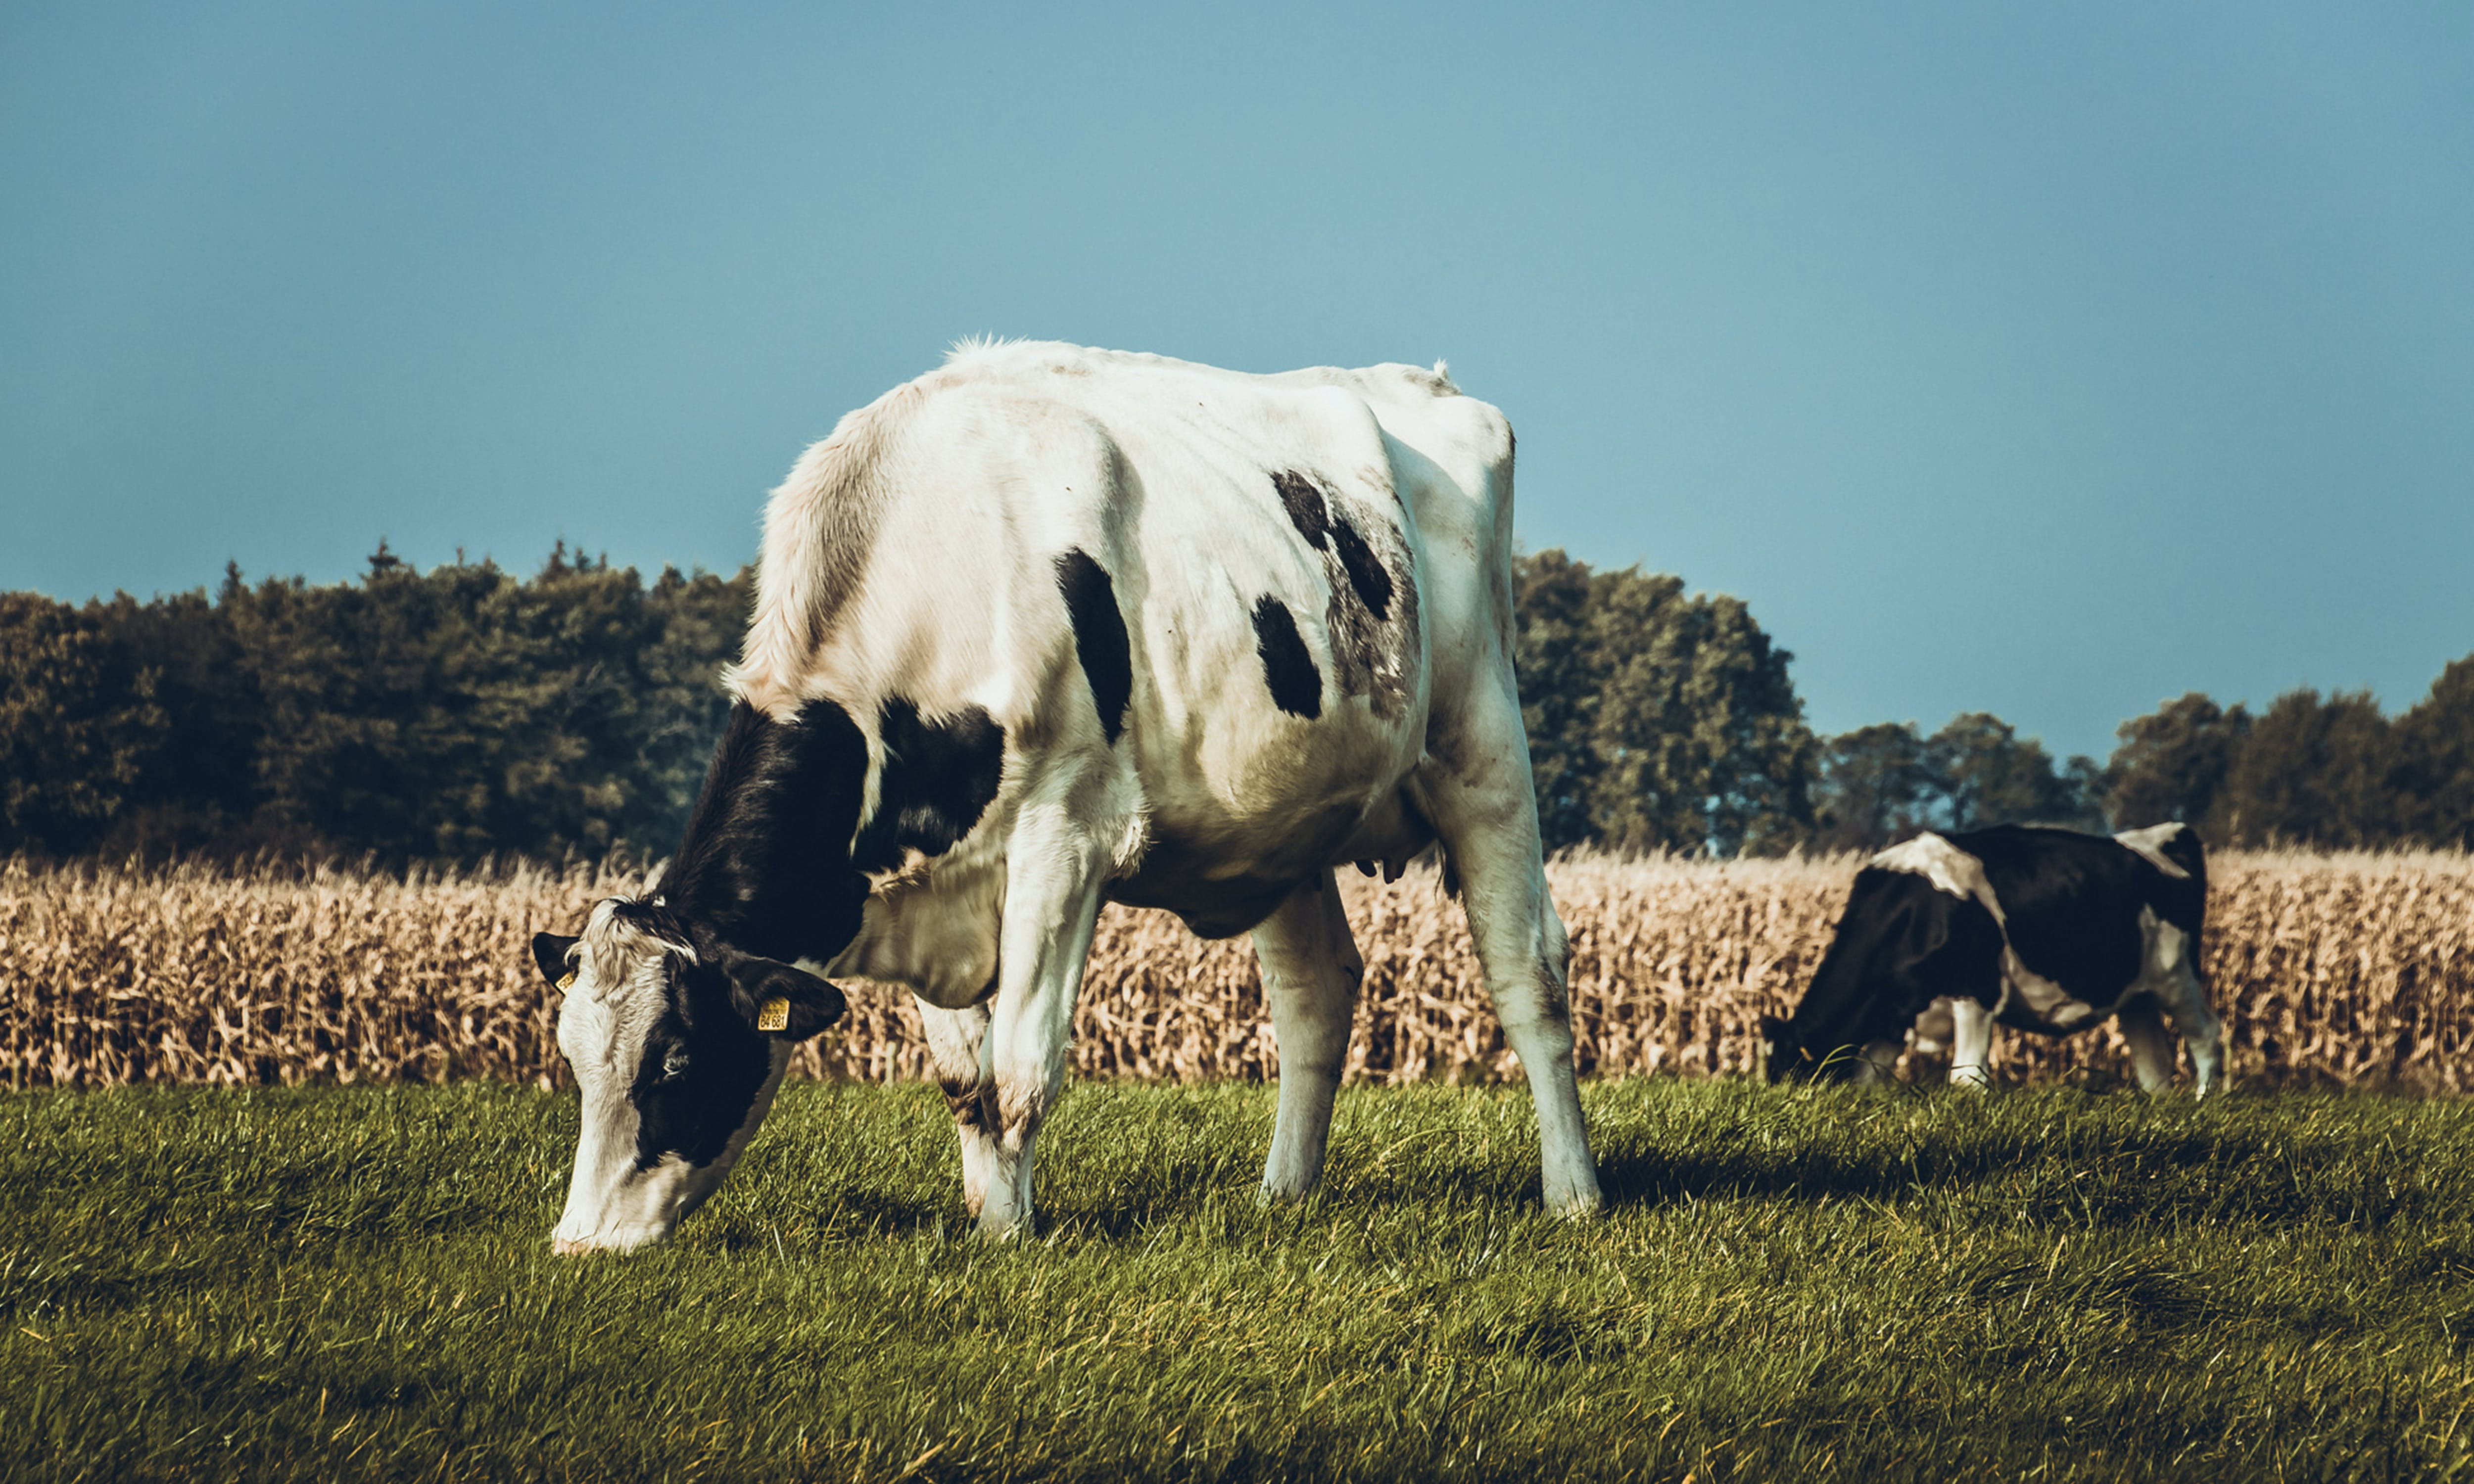 動物, 哺乳動物, 牛, 牧場 的 免费素材照片